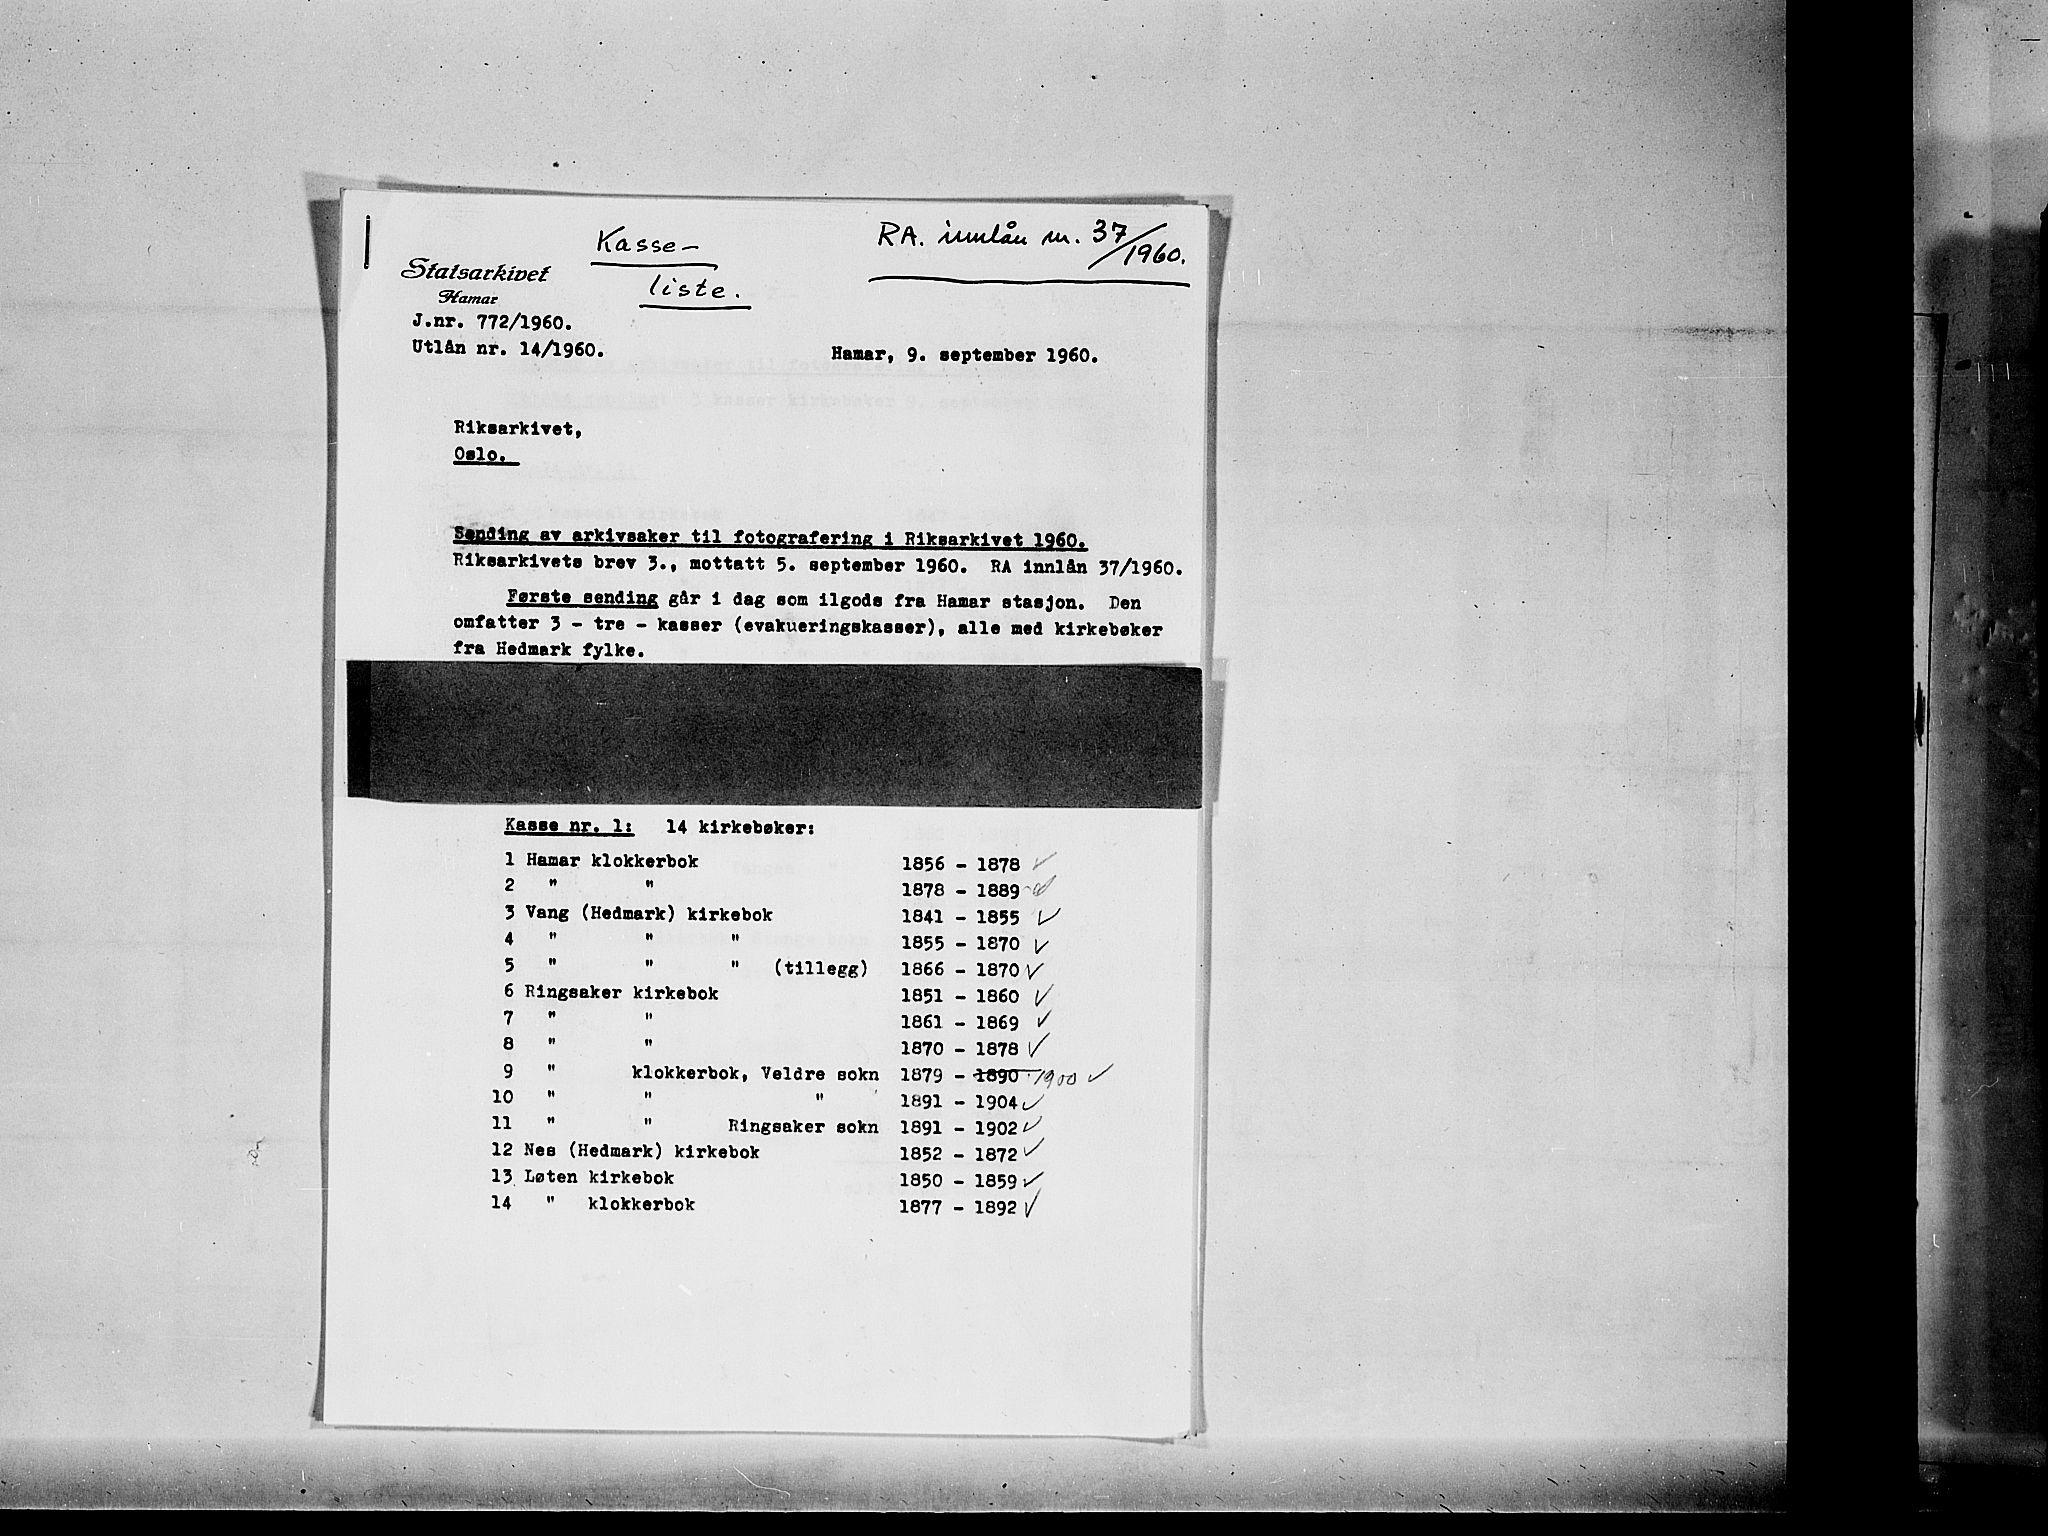 SAH, Vang prestekontor, Hedmark, H/Ha/Haa/L0012: Ministerialbok nr. 12, 1855-1870